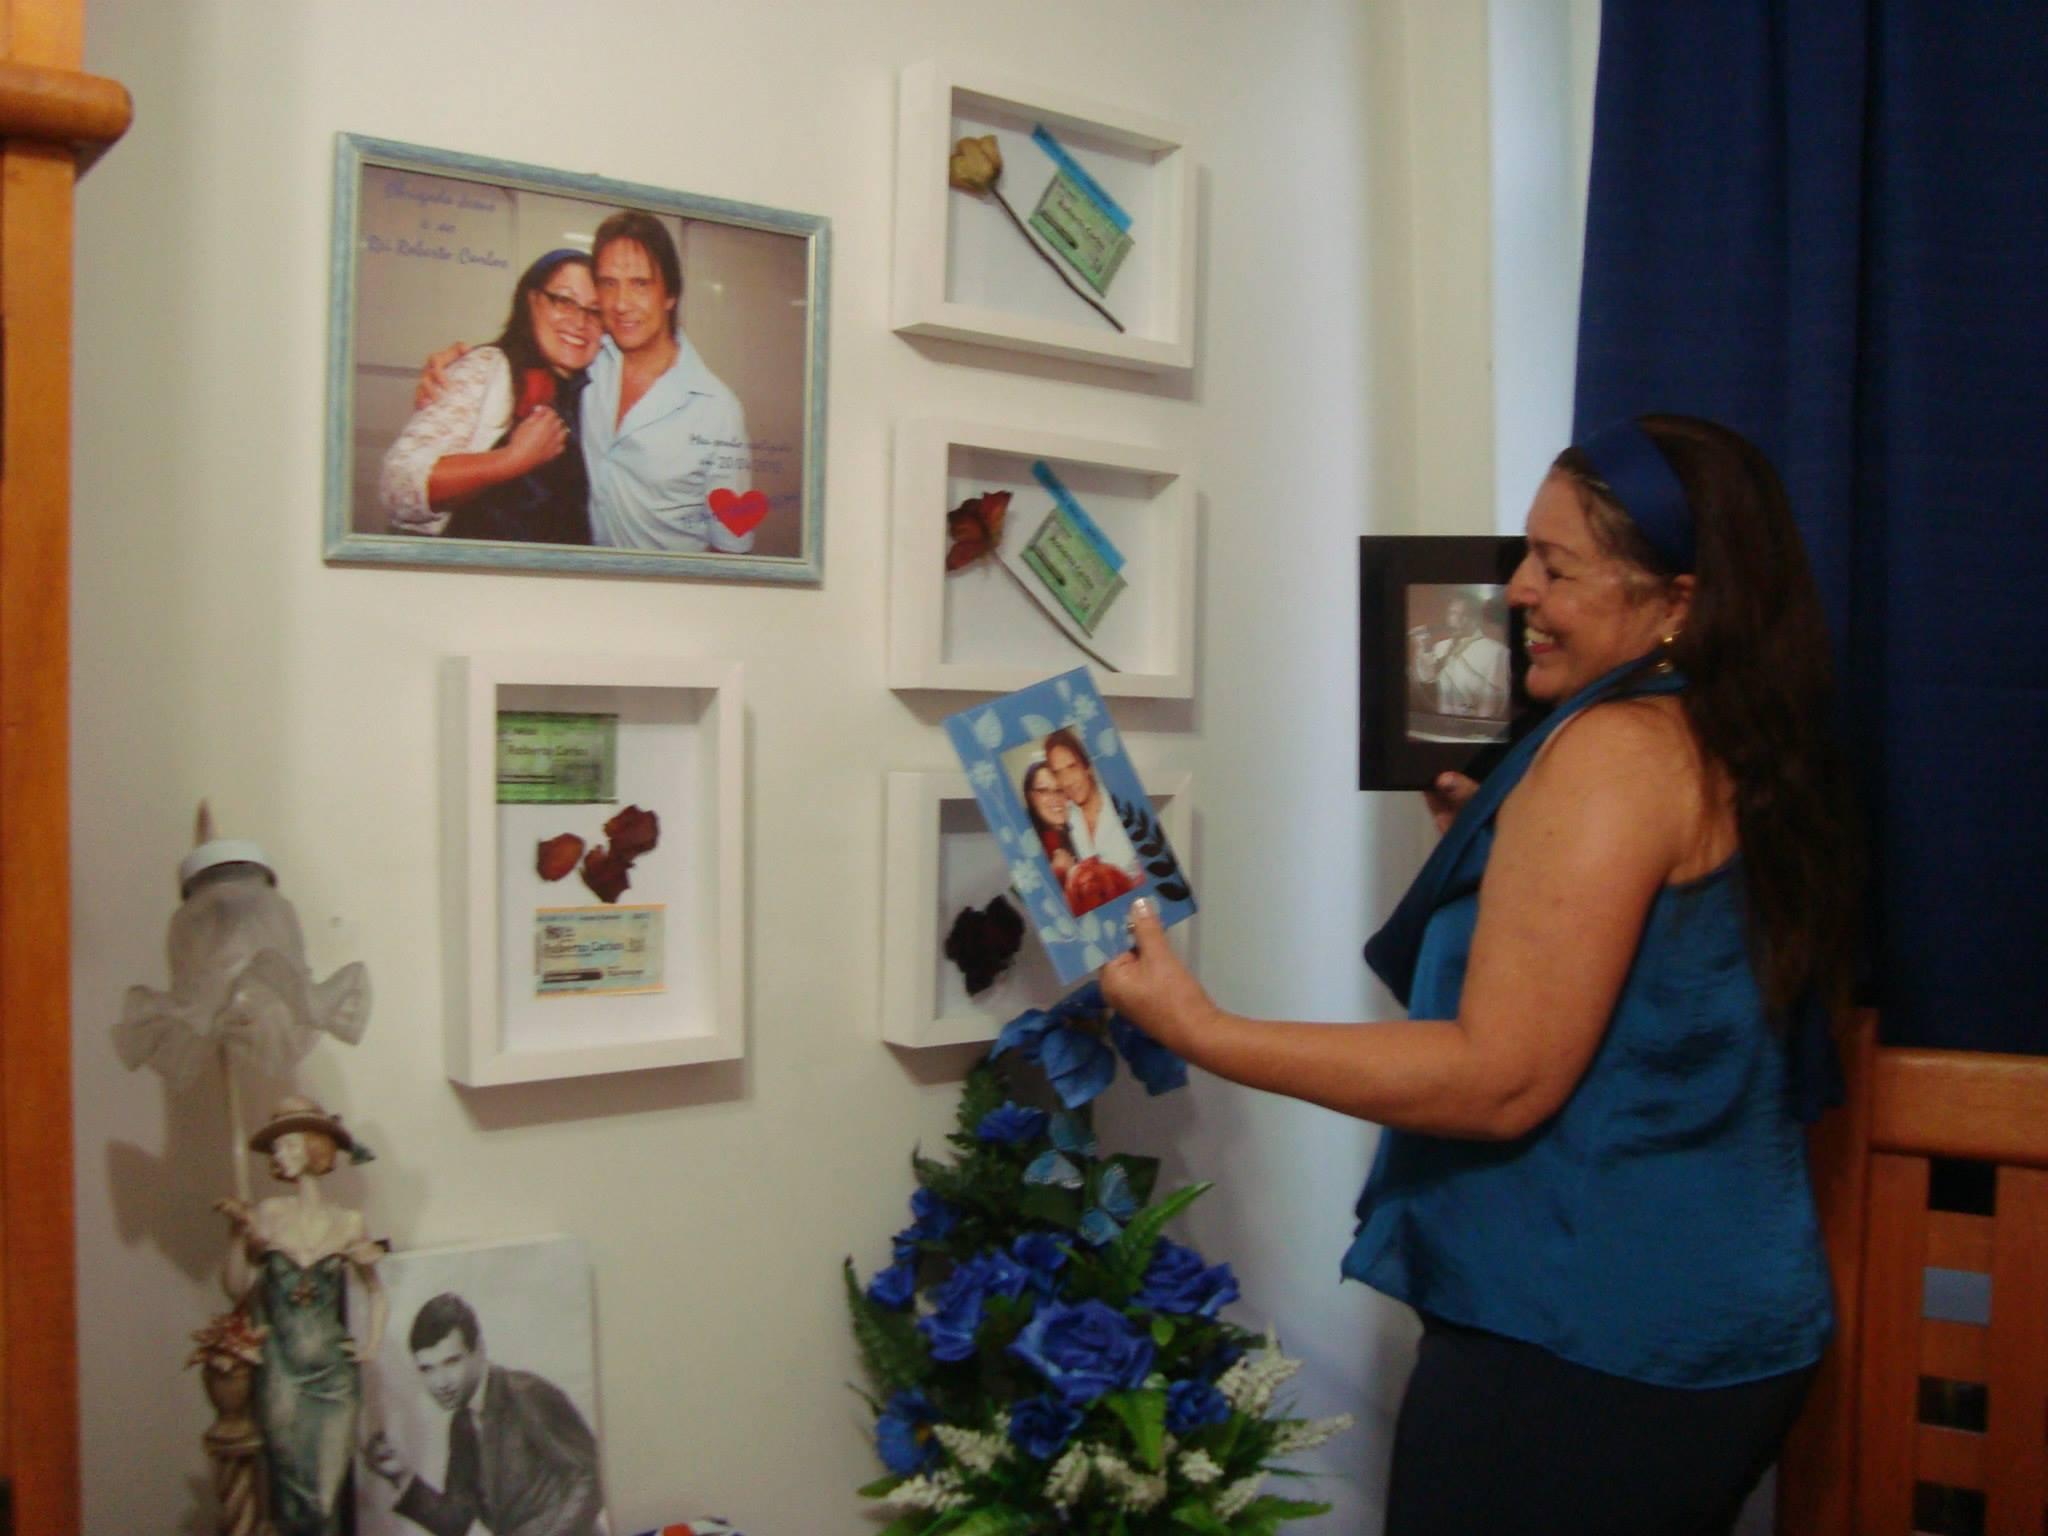 Malvina de Souza Carriço – Cantinho Especial do meu quarto dedicado as rosas que ganhei de RC - Cantinho Especial do meu quarto dedicado as rosas que ganhei do Rei Roberto Carlos